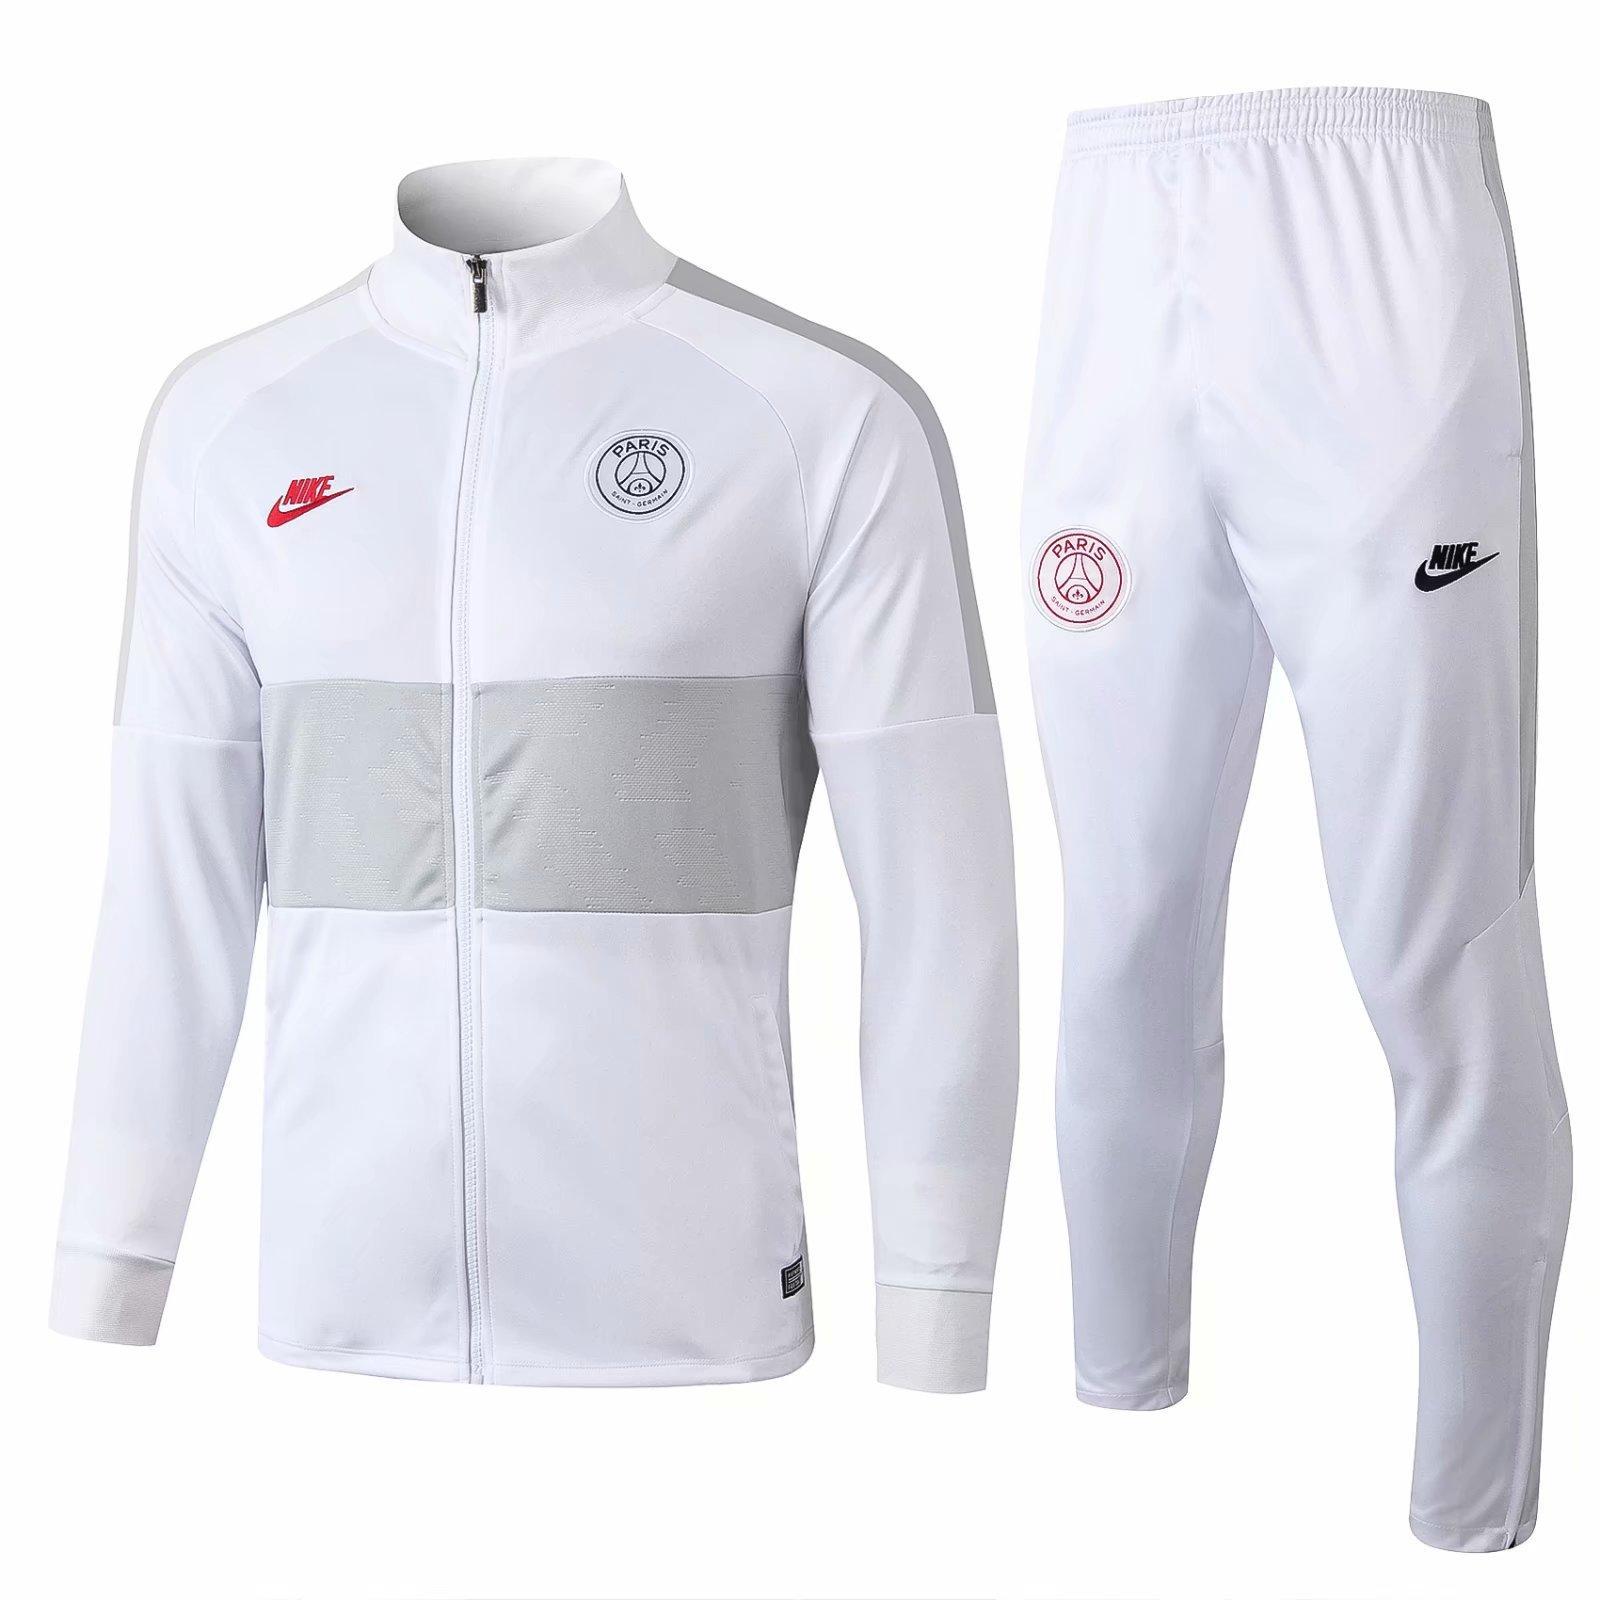 de primera calidad 19 20 Paris chaqueta para hombre 2019 PSG fútbol chándal con capucha ropa deportiva Cavani camiseta de fútbol de la capa de polvo Mbappe abrigo cazadora